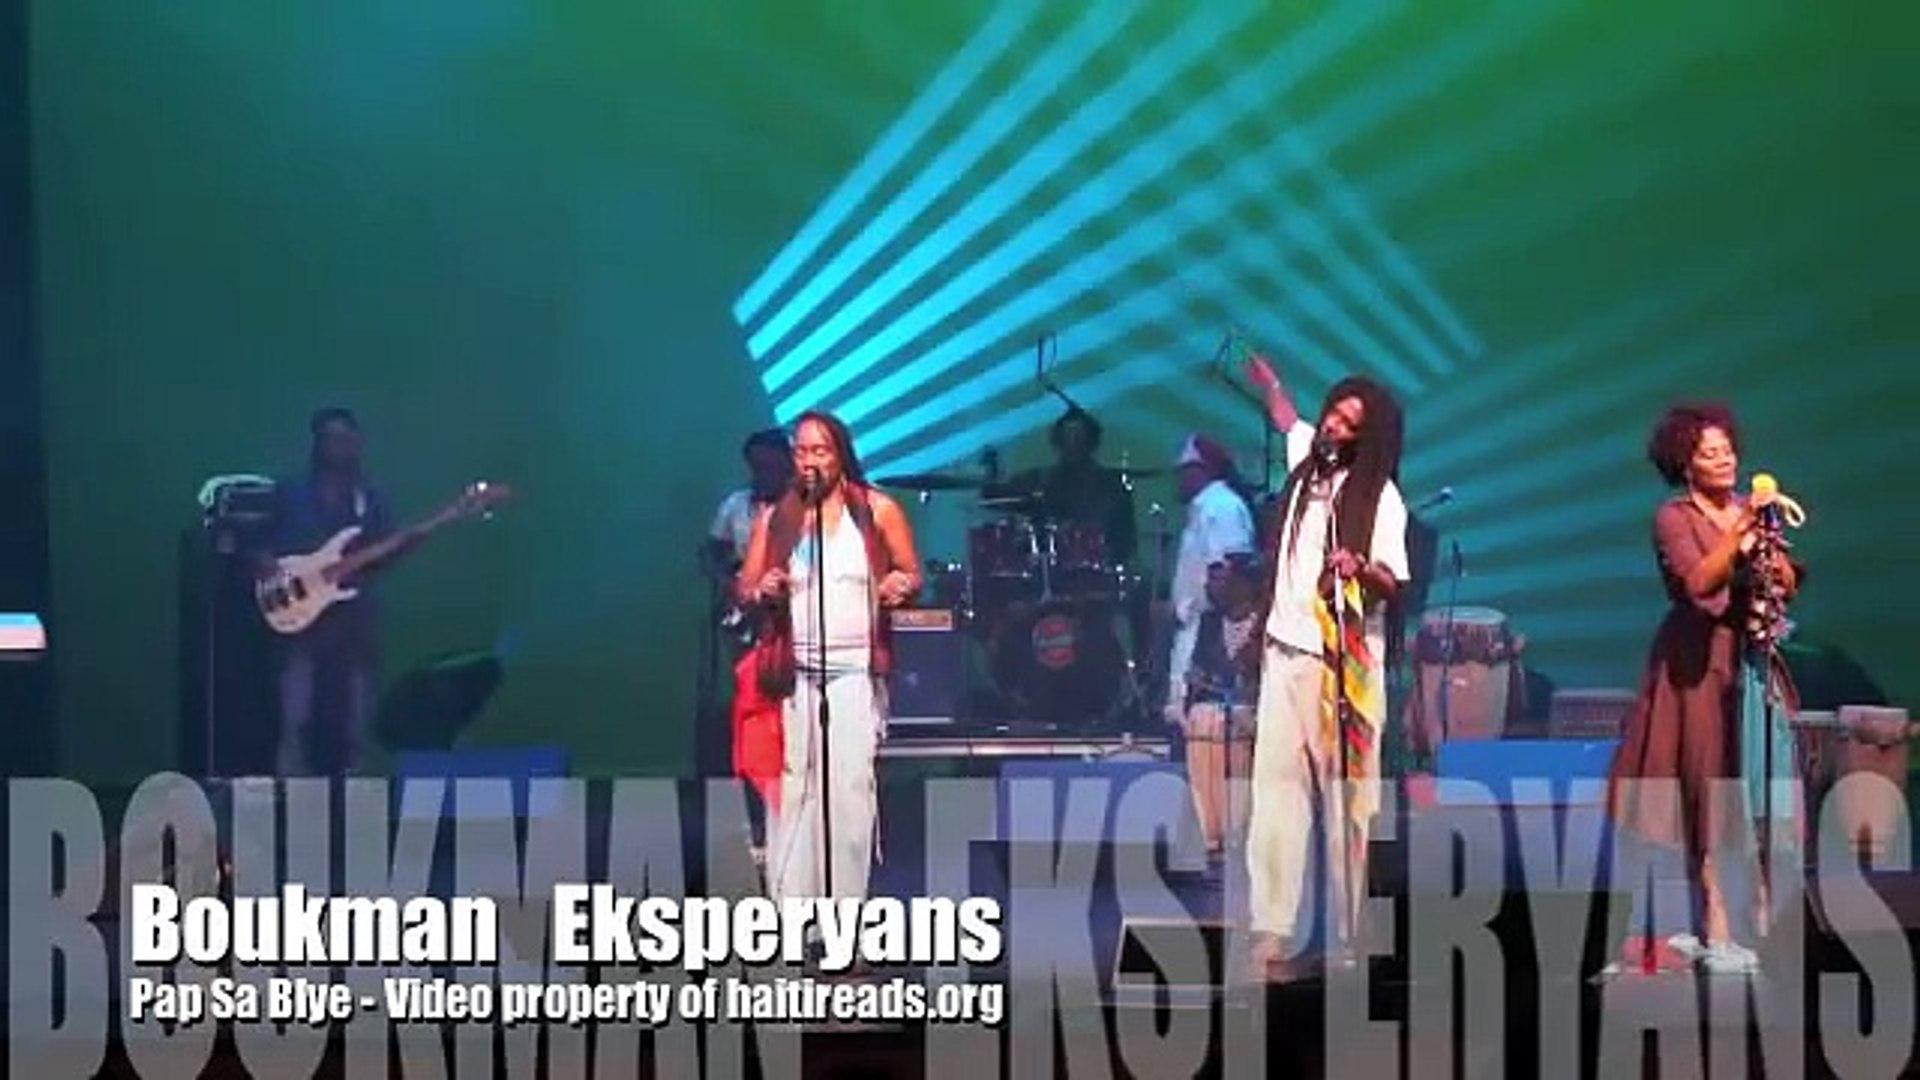 Boukman Eksperyans - Pap Sa Blye - Miami 2012